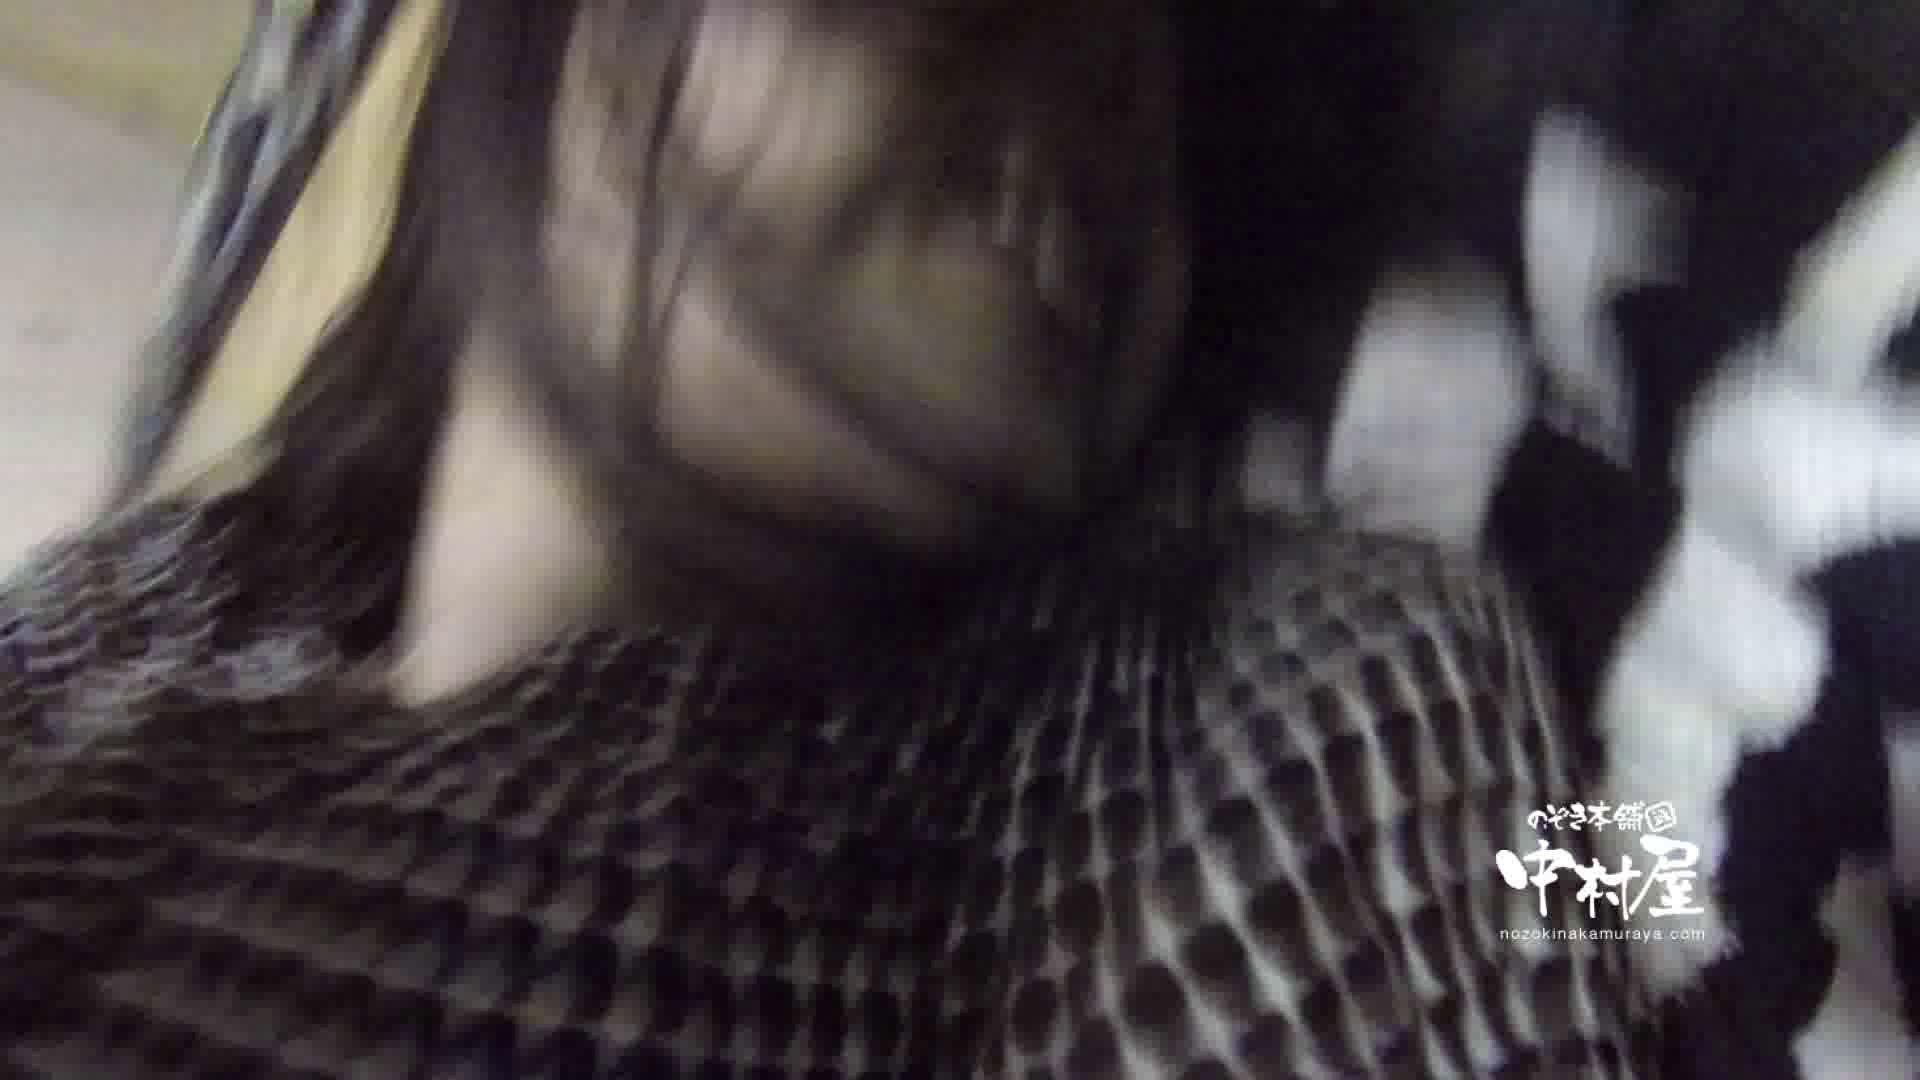 鬼畜 vol.09 無慈悲!中出し爆乳! 後編 爆乳 おめこ無修正動画無料 105PIX 30